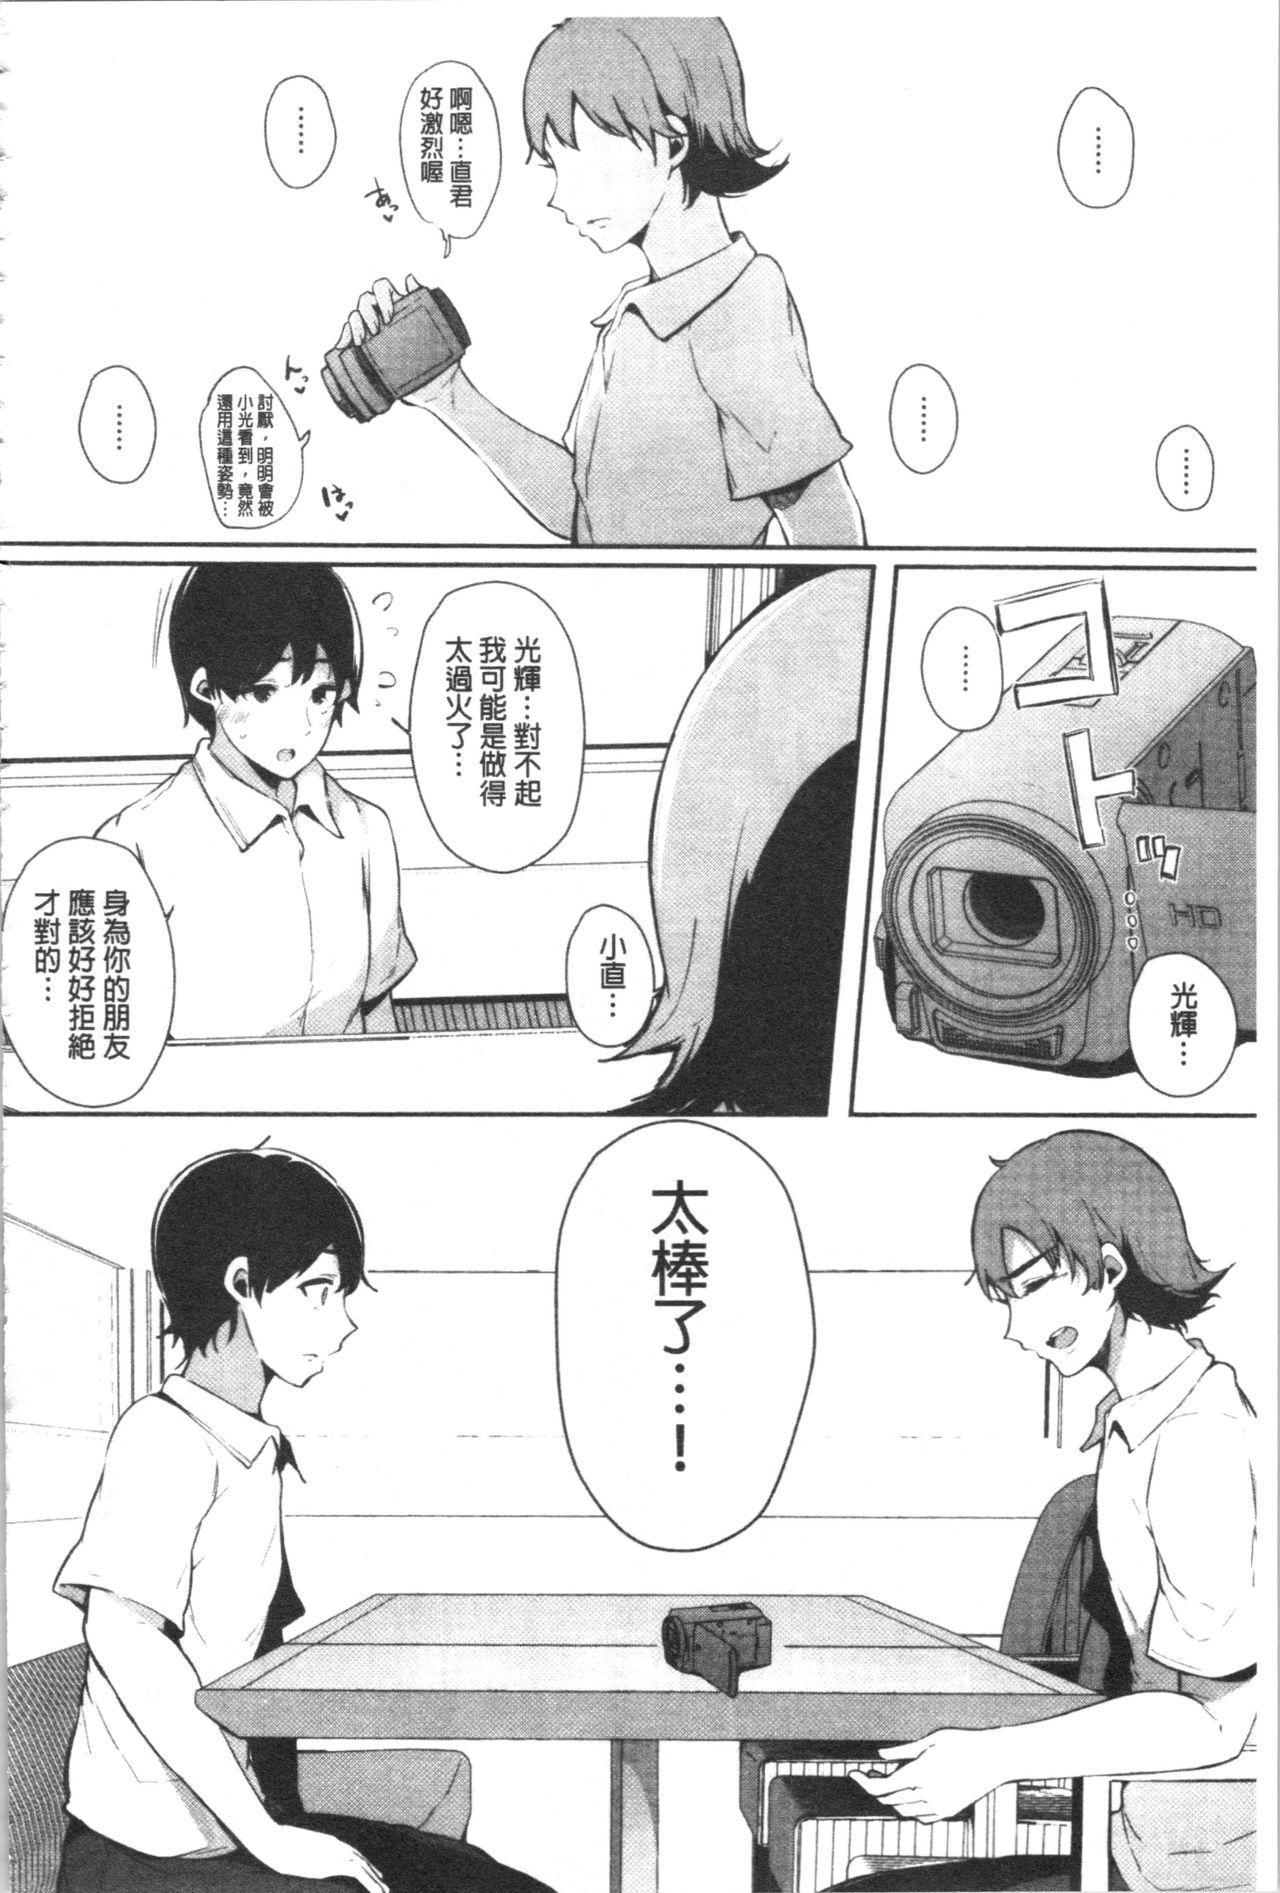 Hametomo Onna Tomodachi ga SeFri-ka shita Hi | 性愛砲友 女友們都變砲友化的日子 195